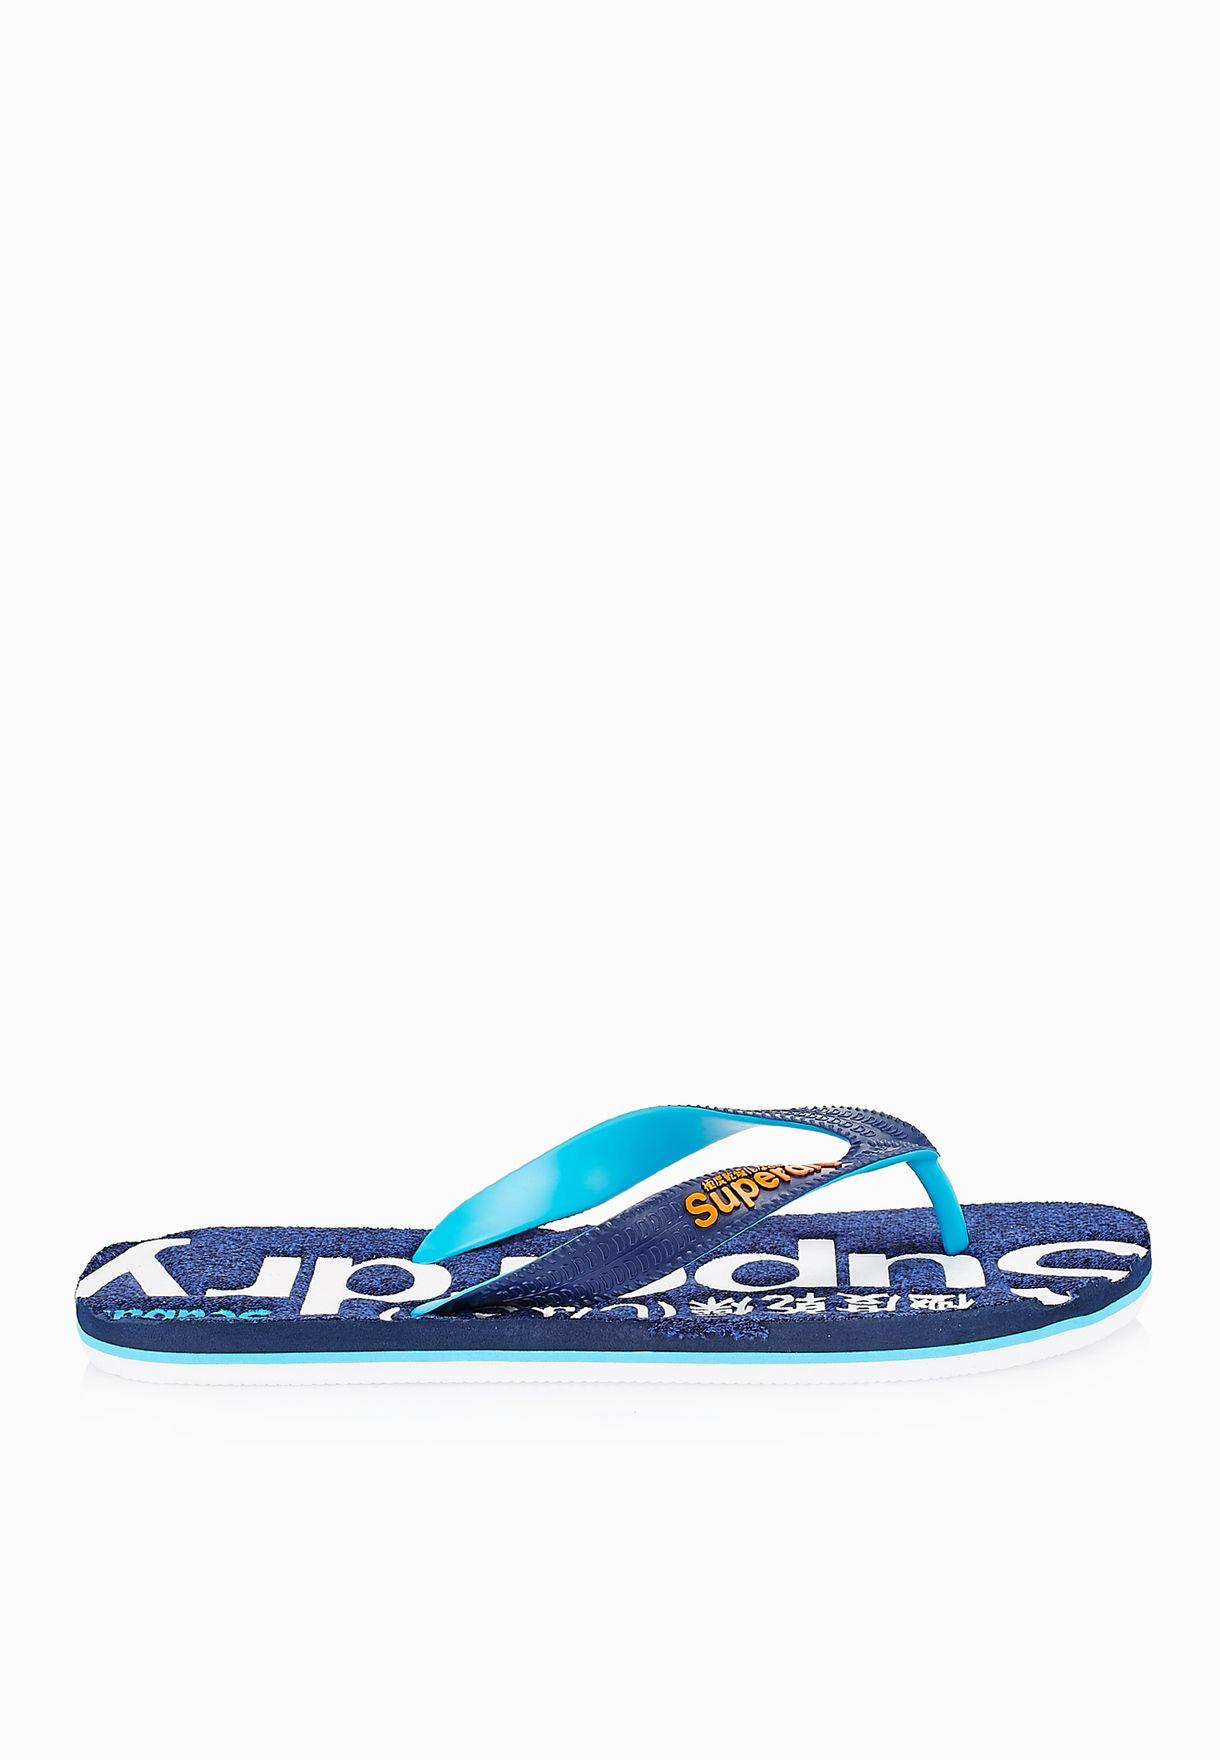 bc6e8896ef8f6 Shop Superdry blue Scuba Marl Flip Flops MF3MS006 for Men in Oman ...